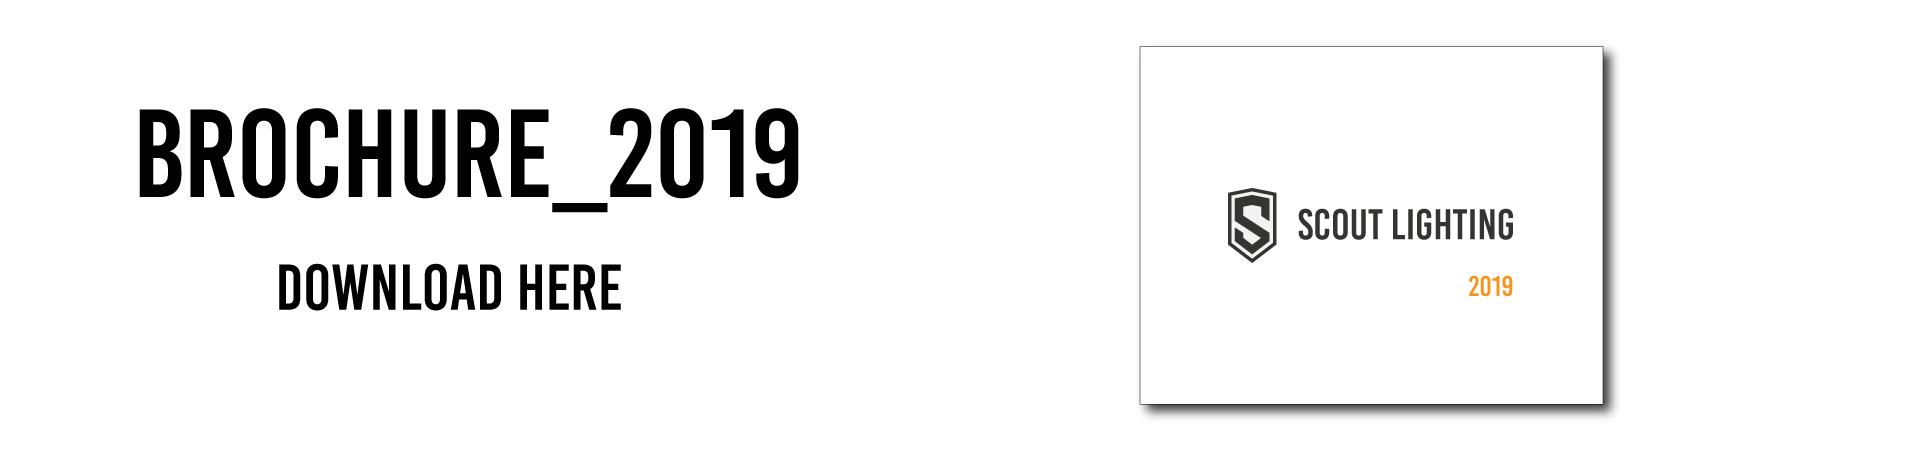 2019brochure